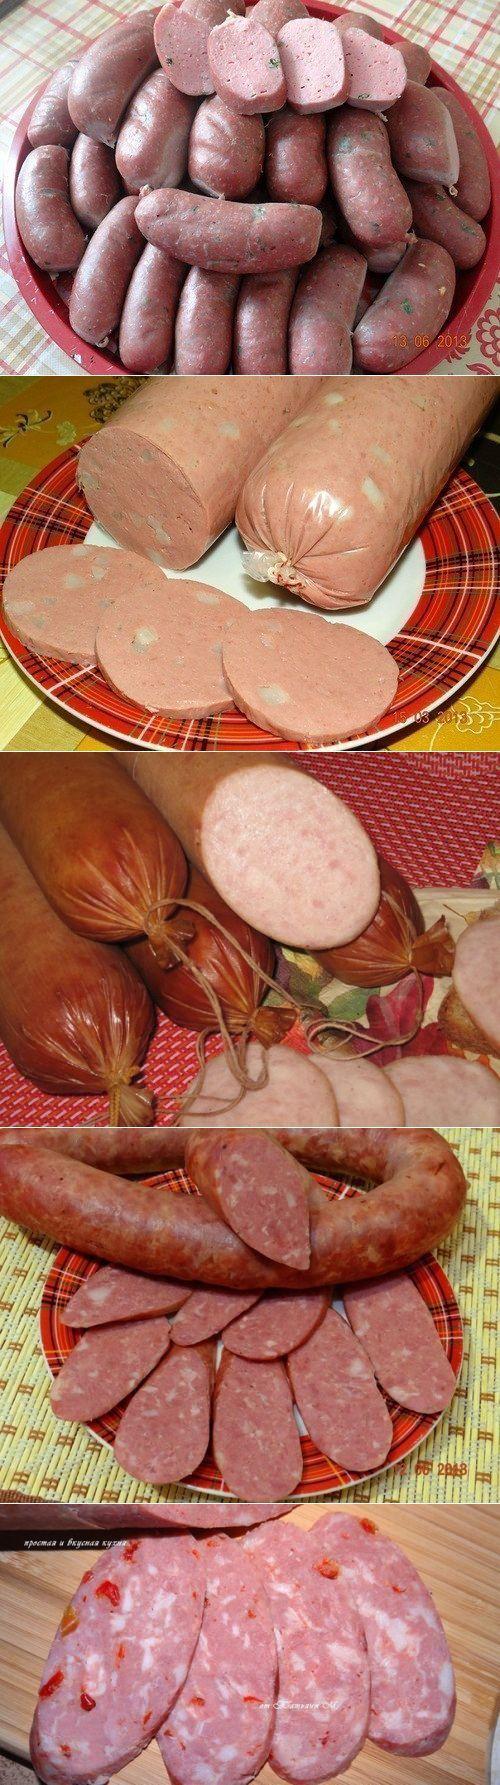 Колбаса детям готовим сами фото рецепт трогательная подборка